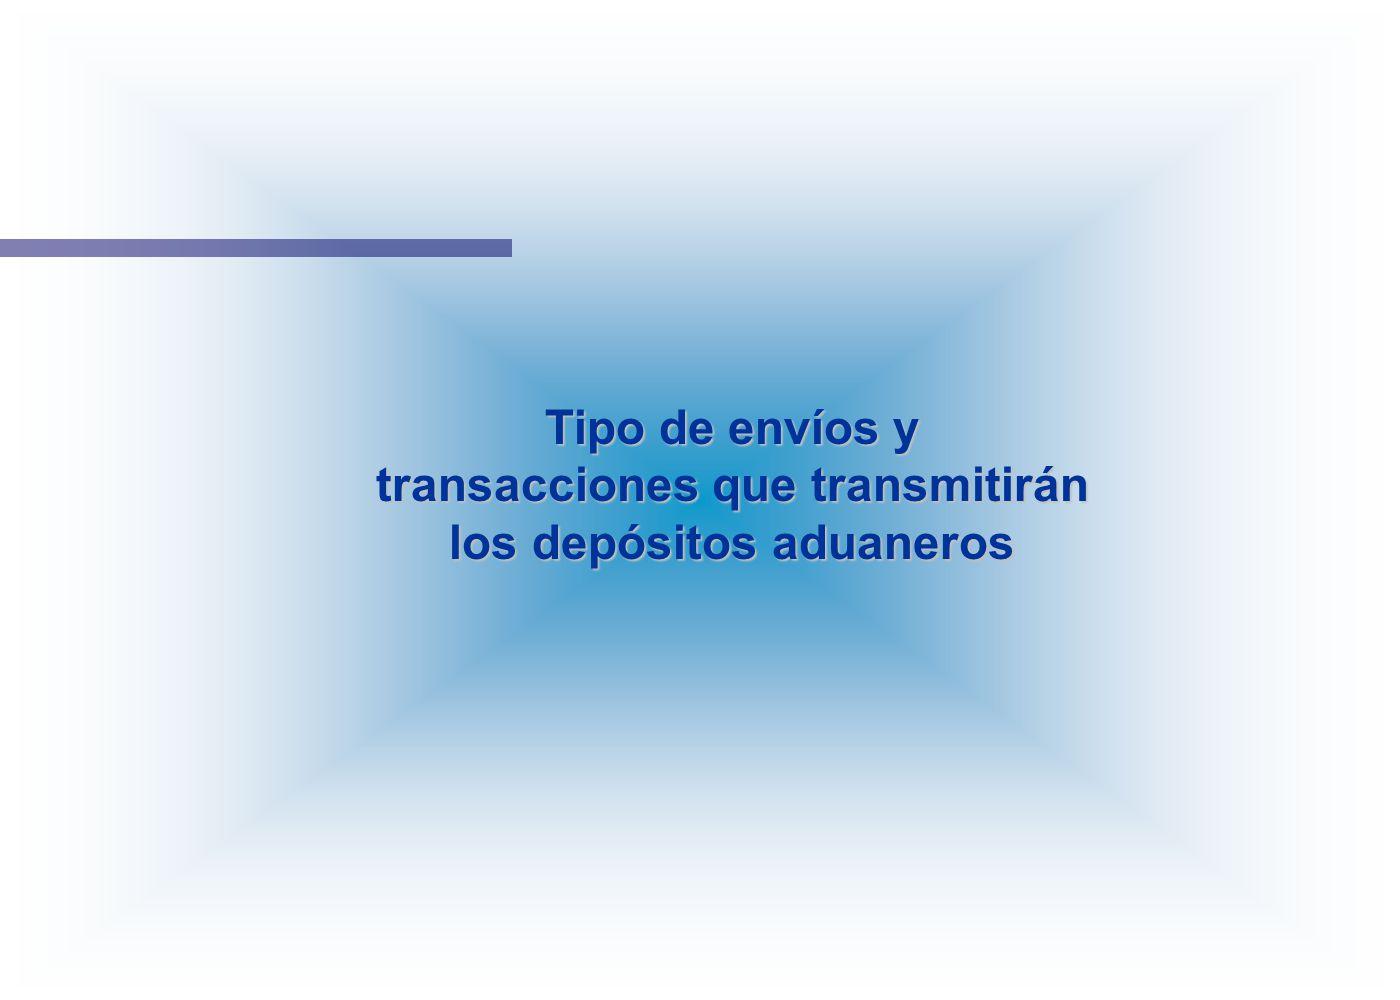 Tipo de envíos y transacciones que transmitirán los depósitos aduaneros